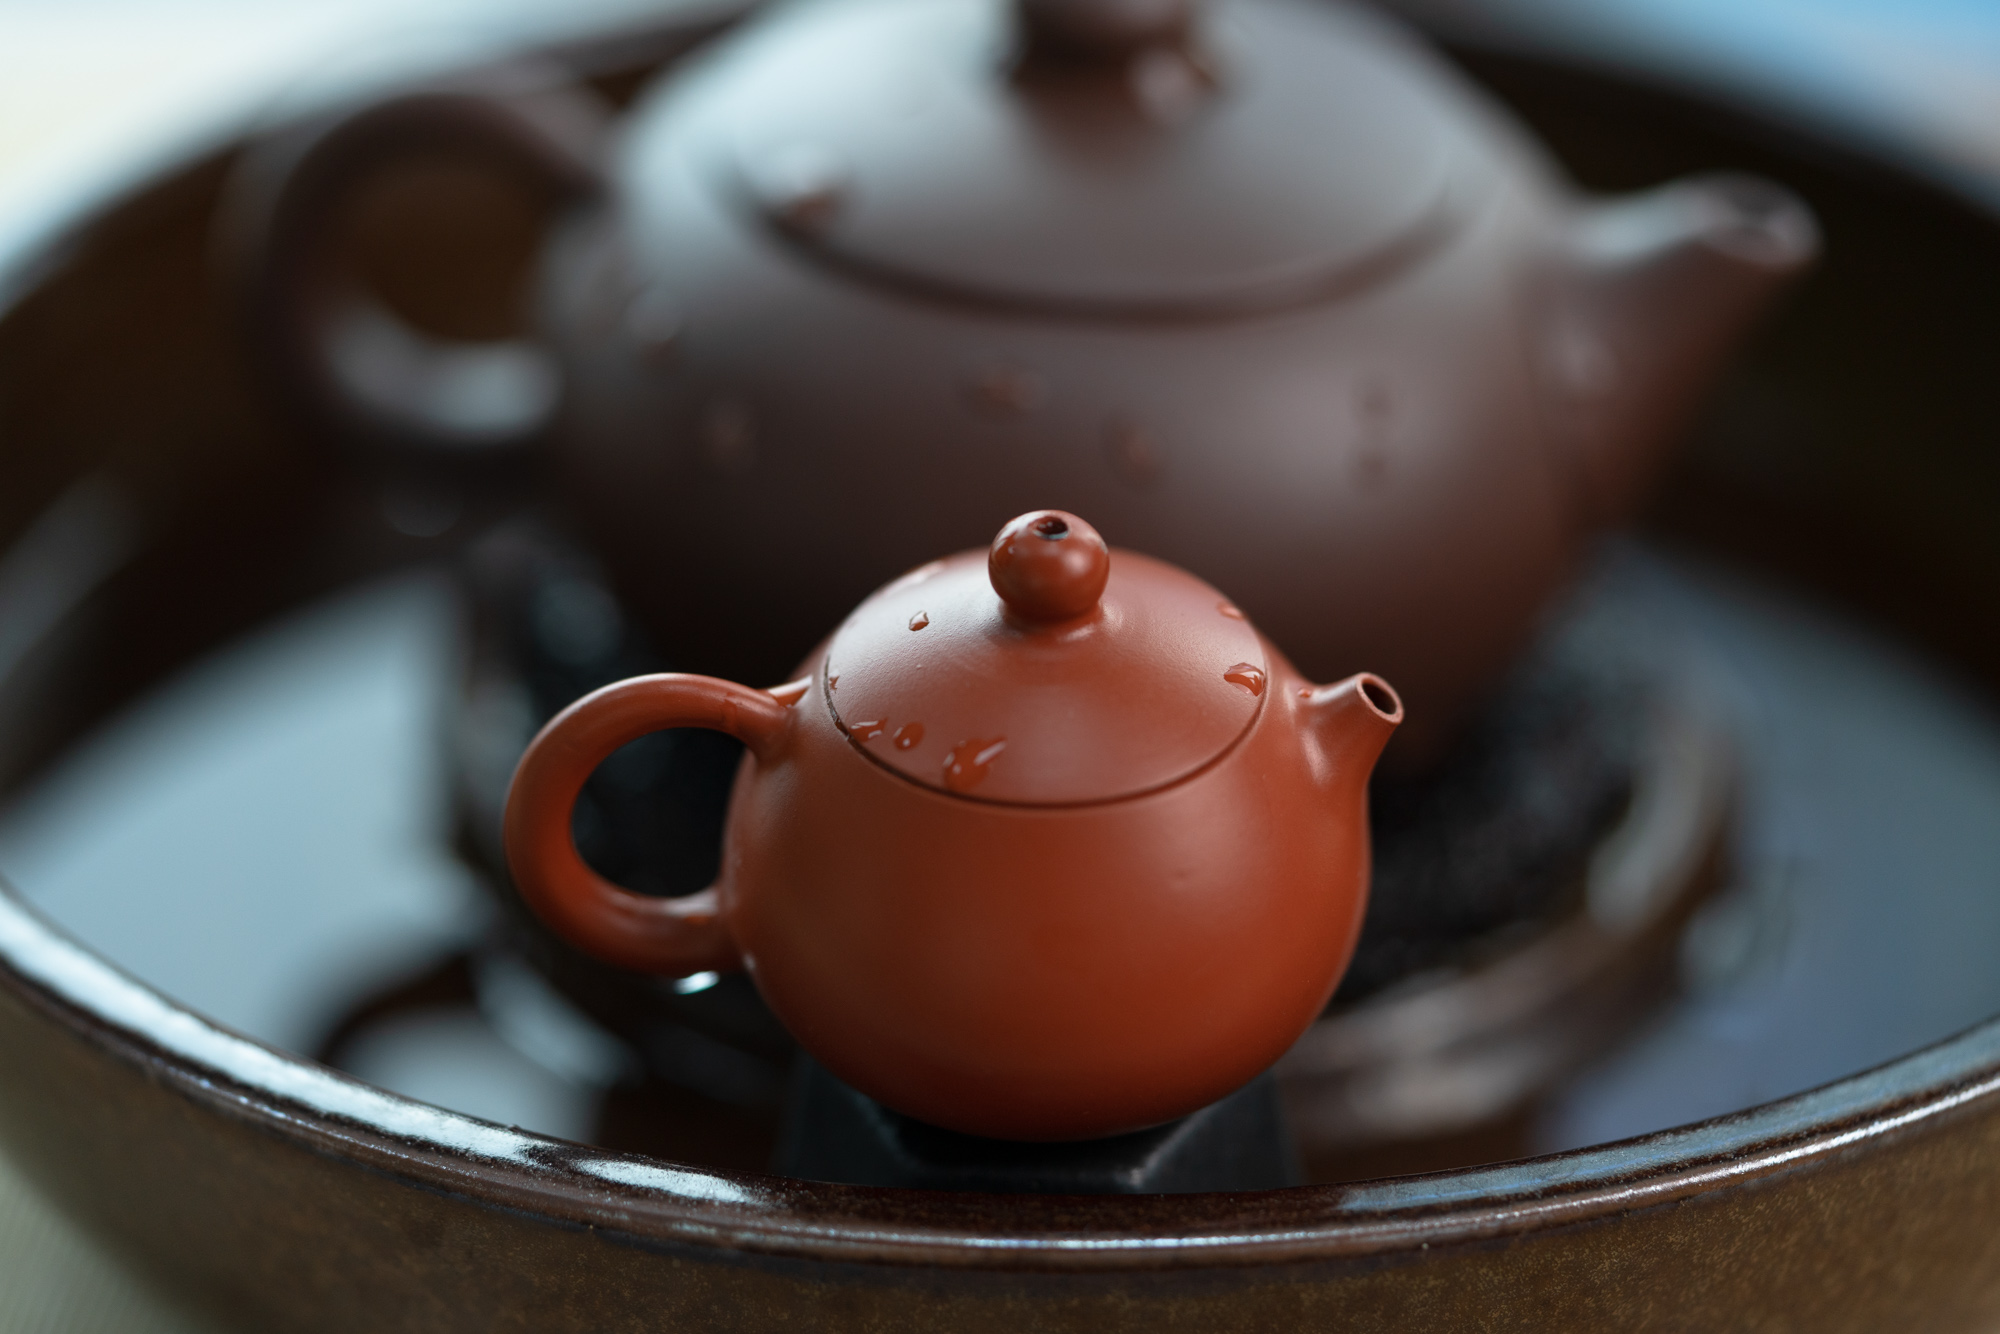 小喜年-除了顾景舟,你还知道近现代哪些紫砂制壶大师?